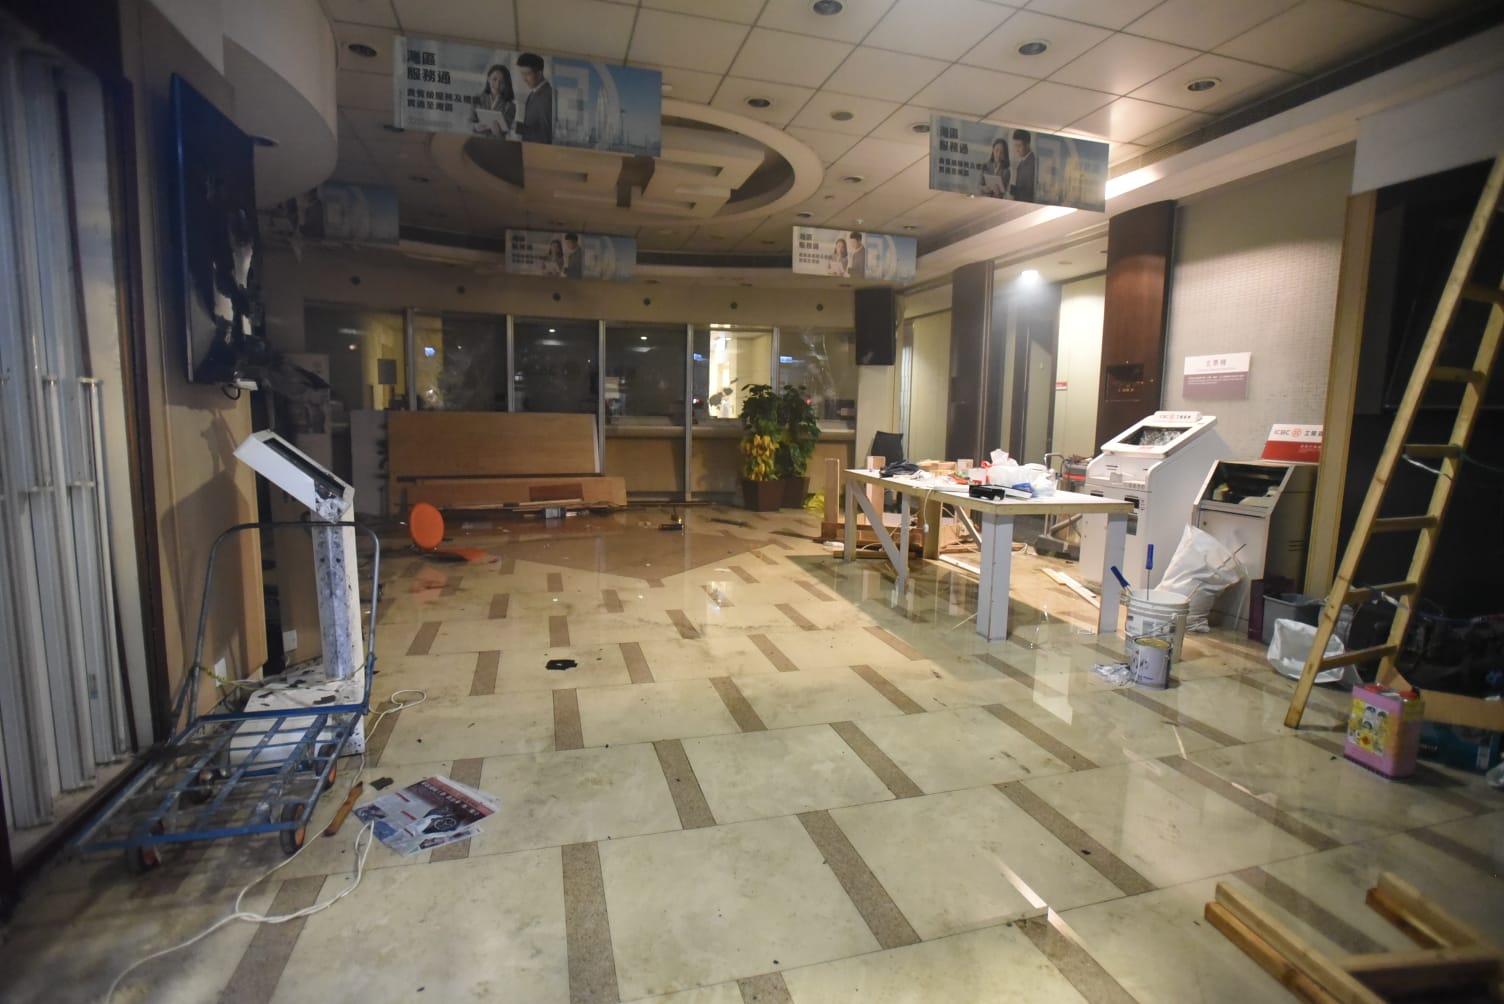 工商銀行旺角其中一間分行被破壞。